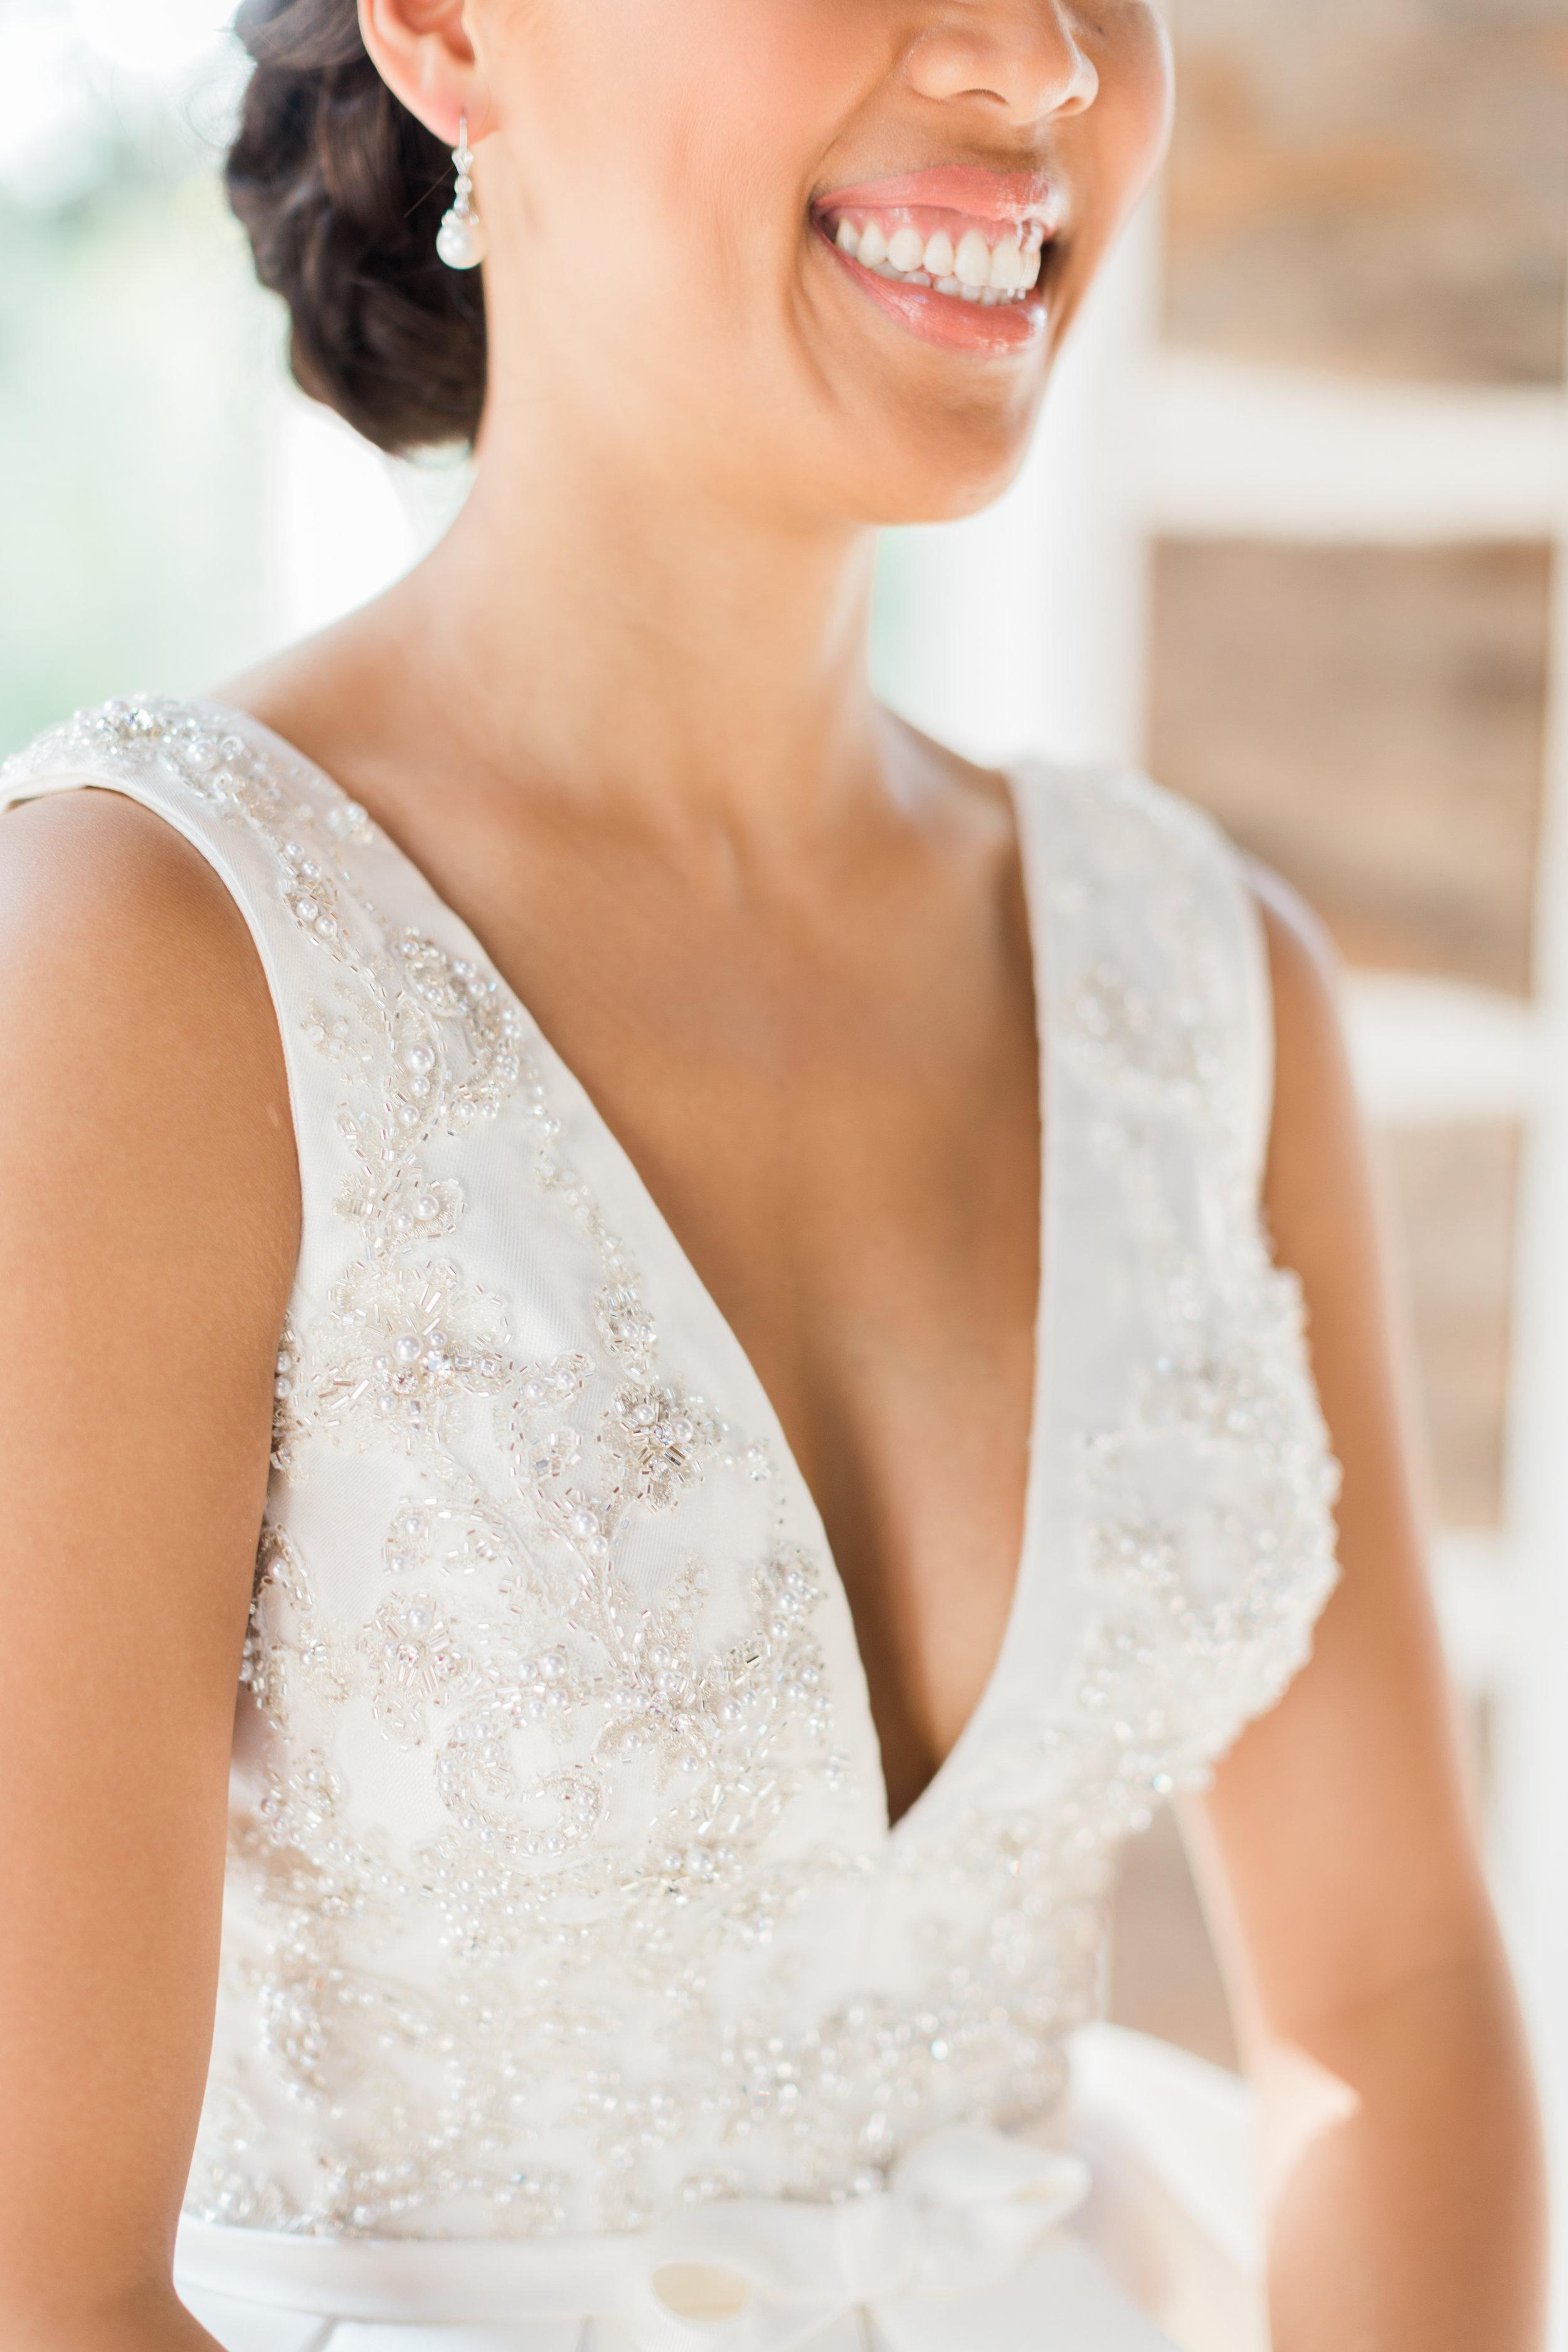 Alton Mills Wedding - Bride Getting Ready-63.jpg